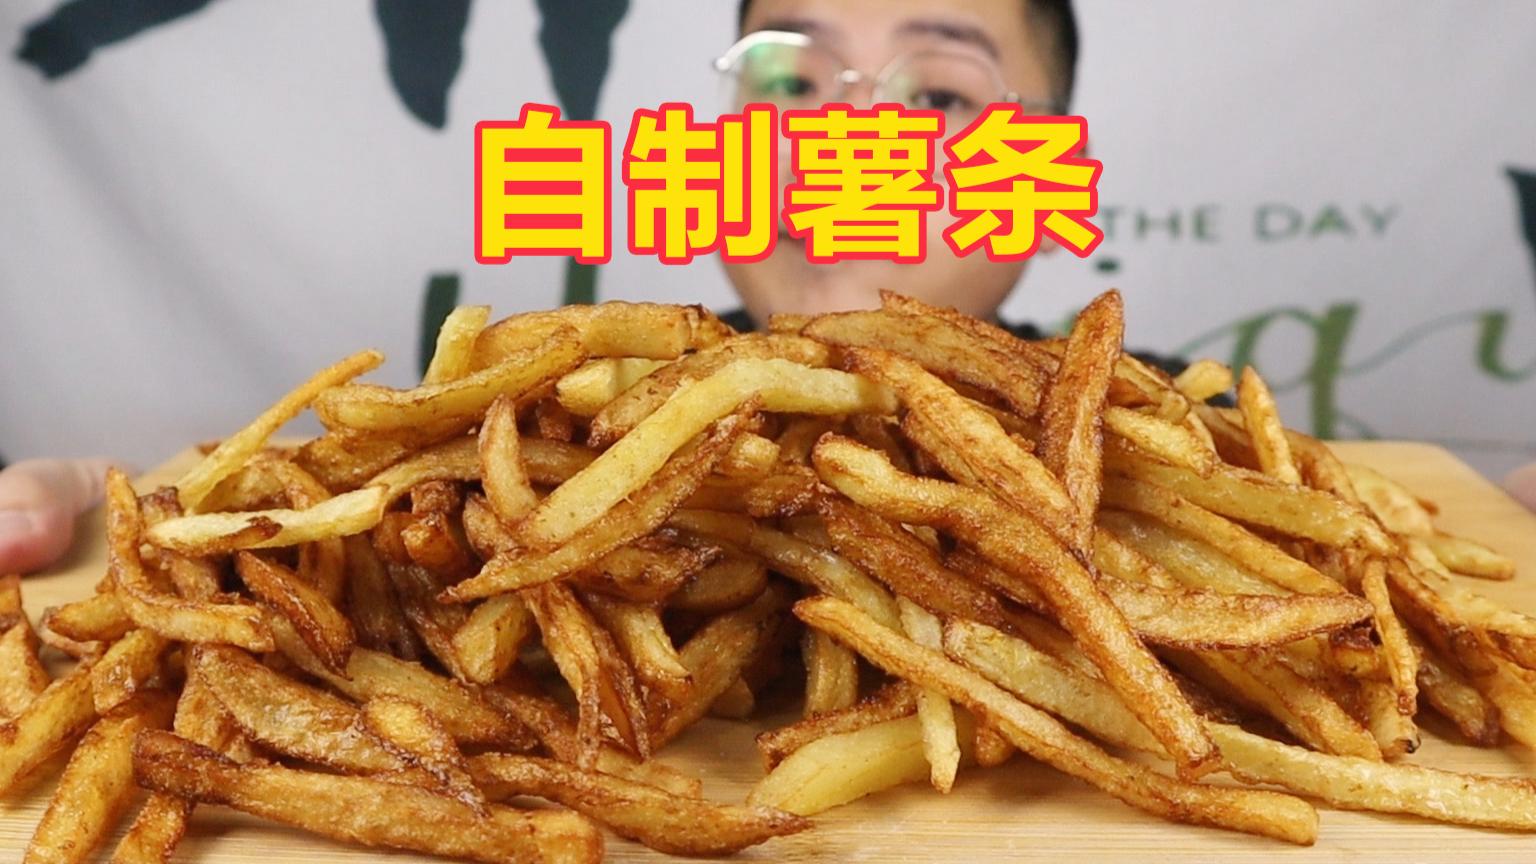 二斤土豆能炸出多少薯条?在家自己做薯条,简单美味又管饱